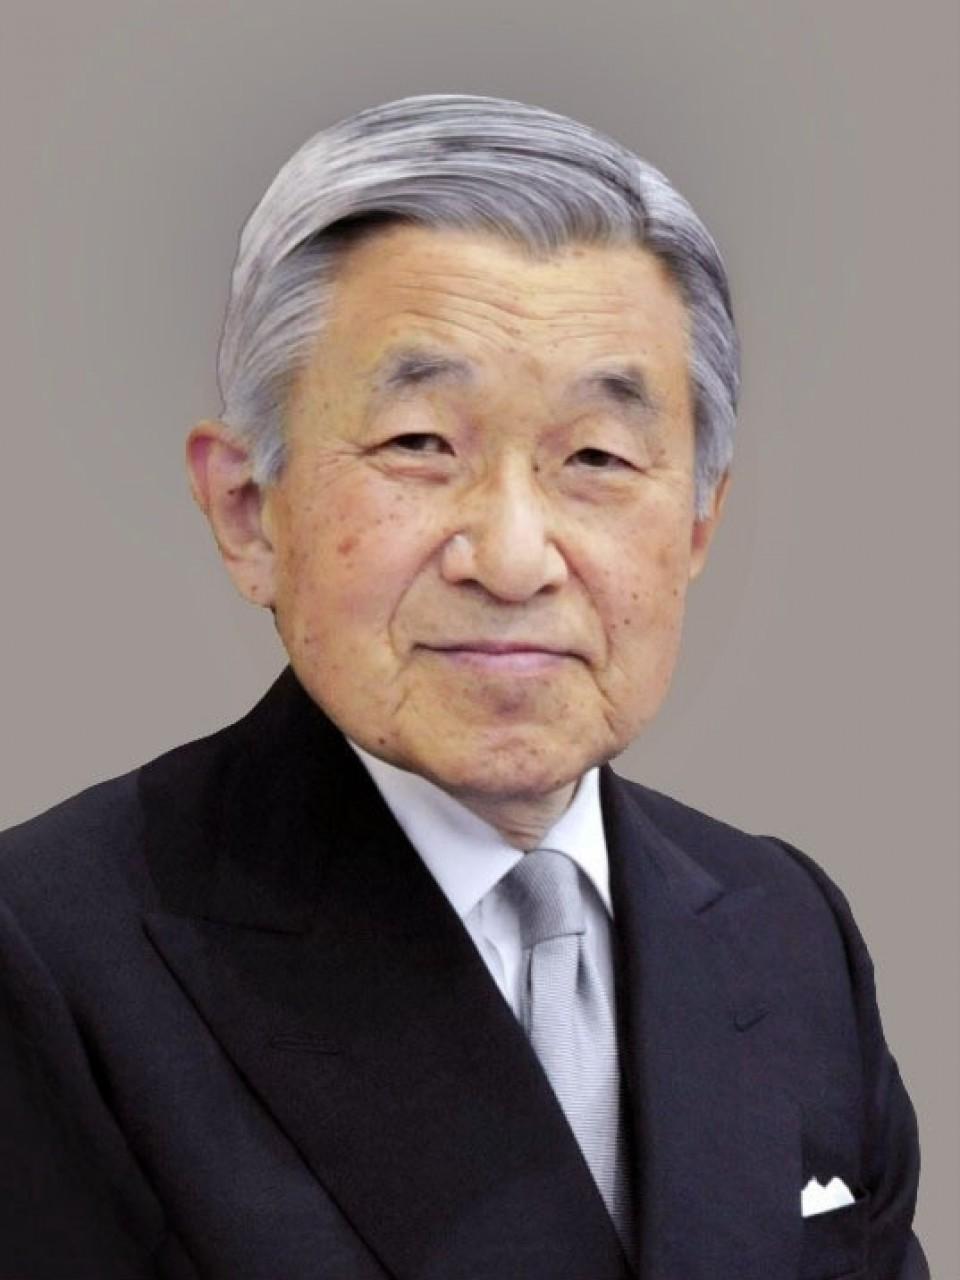 El emperador Akihito sufre una anemia cerebral